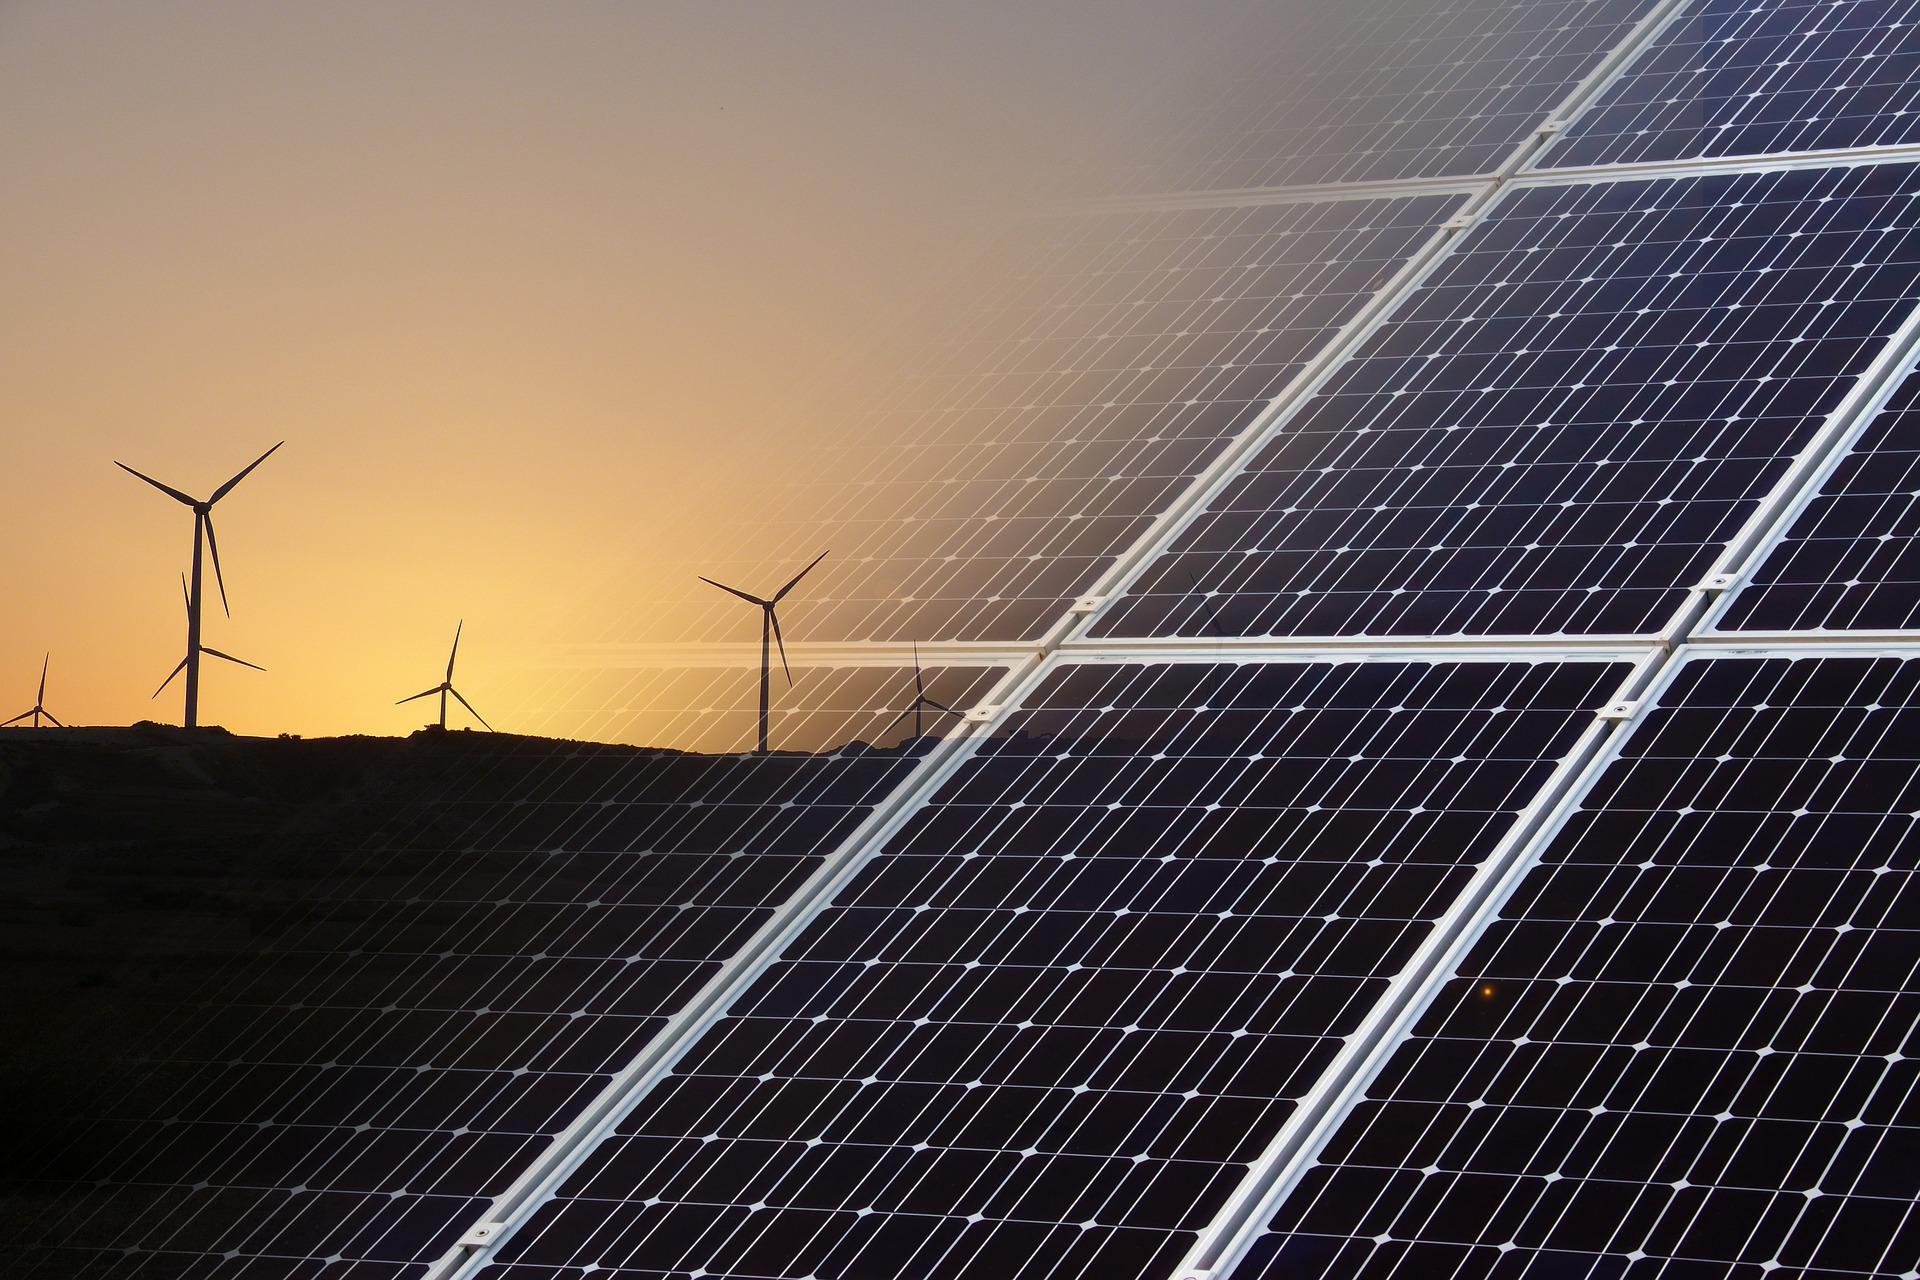 https://watt.co.uk/wp-content/uploads/2019/12/renewable-1989416_1920.jpg